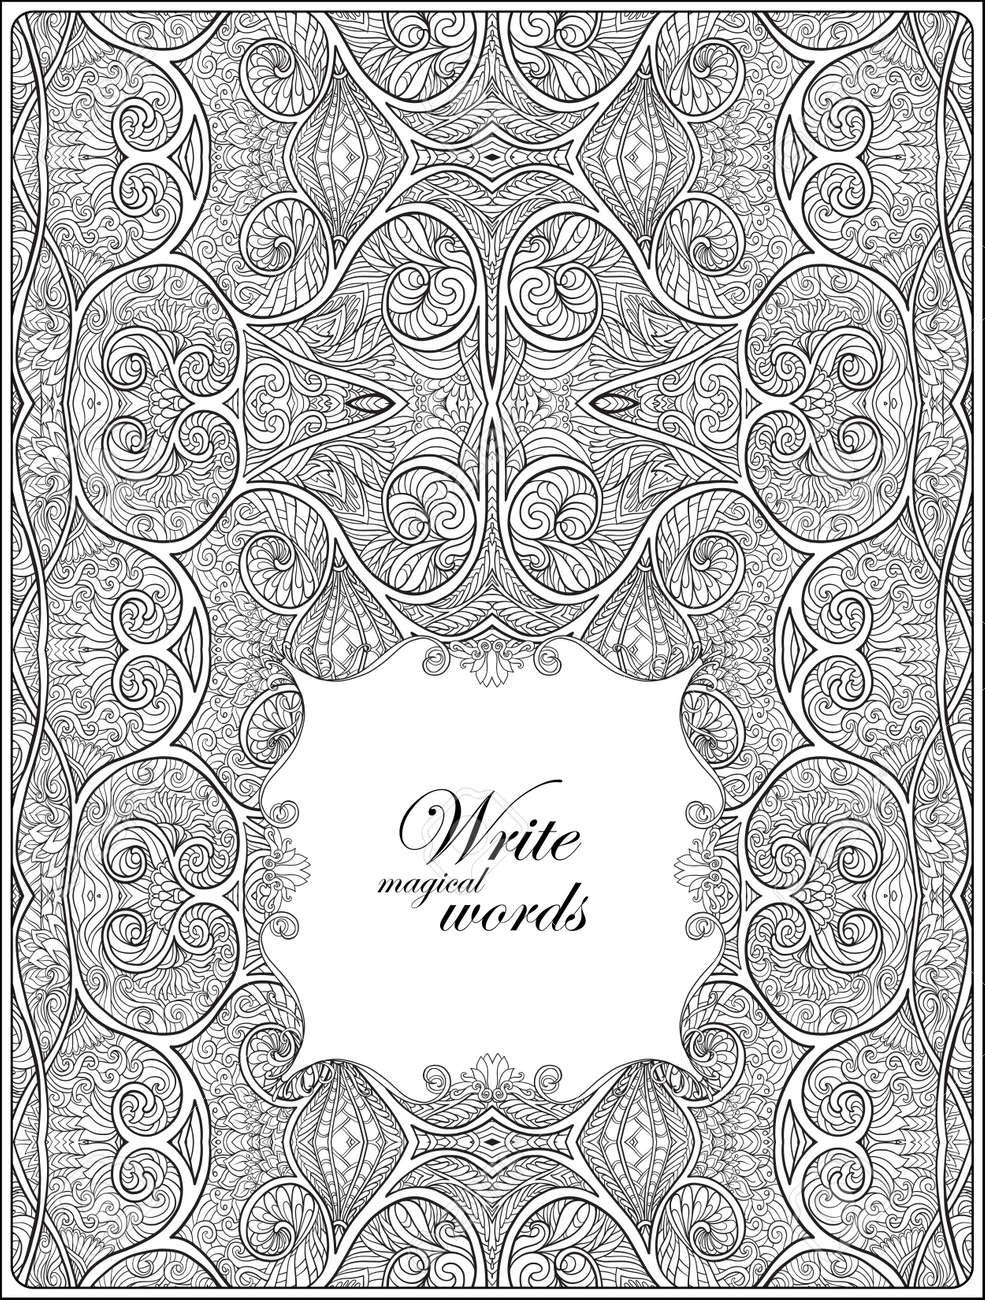 Kleurplaten Voor Volwassenen Met Tekst.Sier Patroon Met Decoratieve Frame Voor Tekst Anti Stress